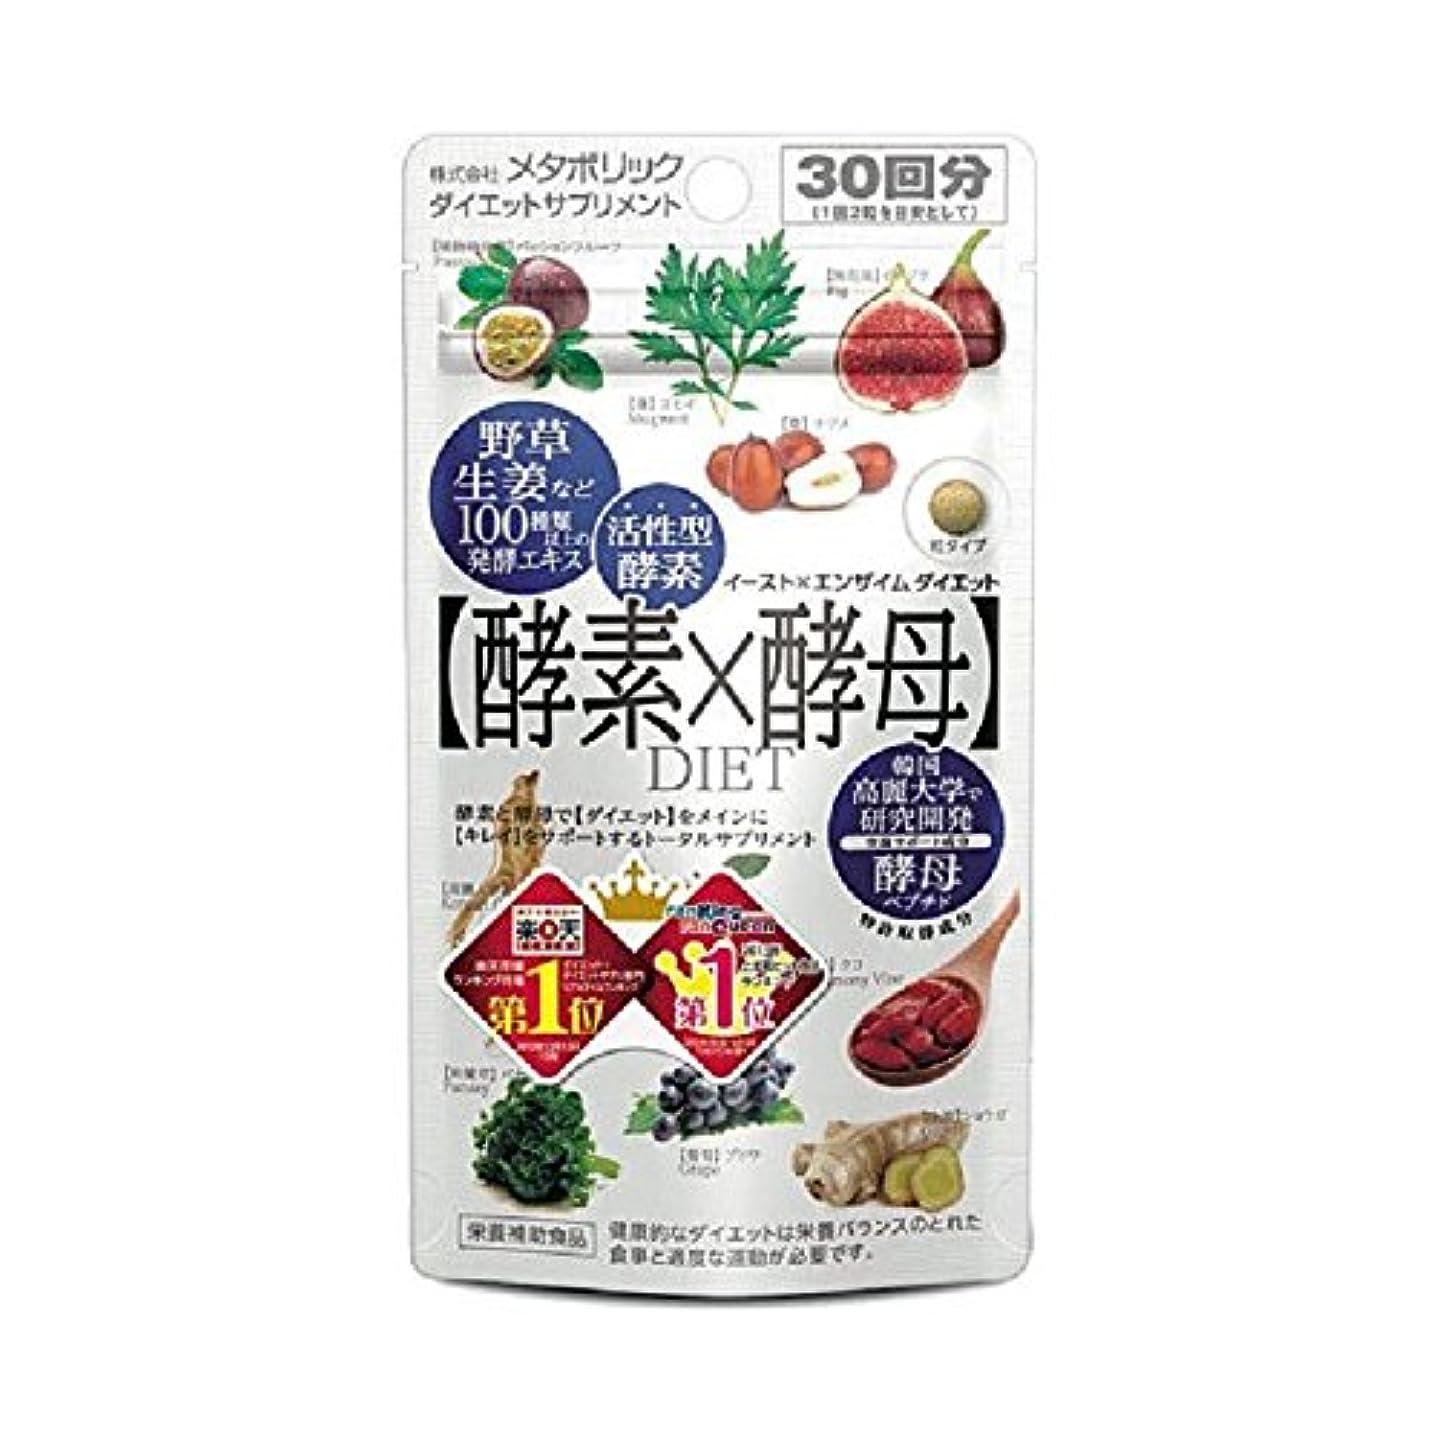 安定しました成熟船酵素×酵母 イースト×エンザイムダイエット 60粒×5個セット